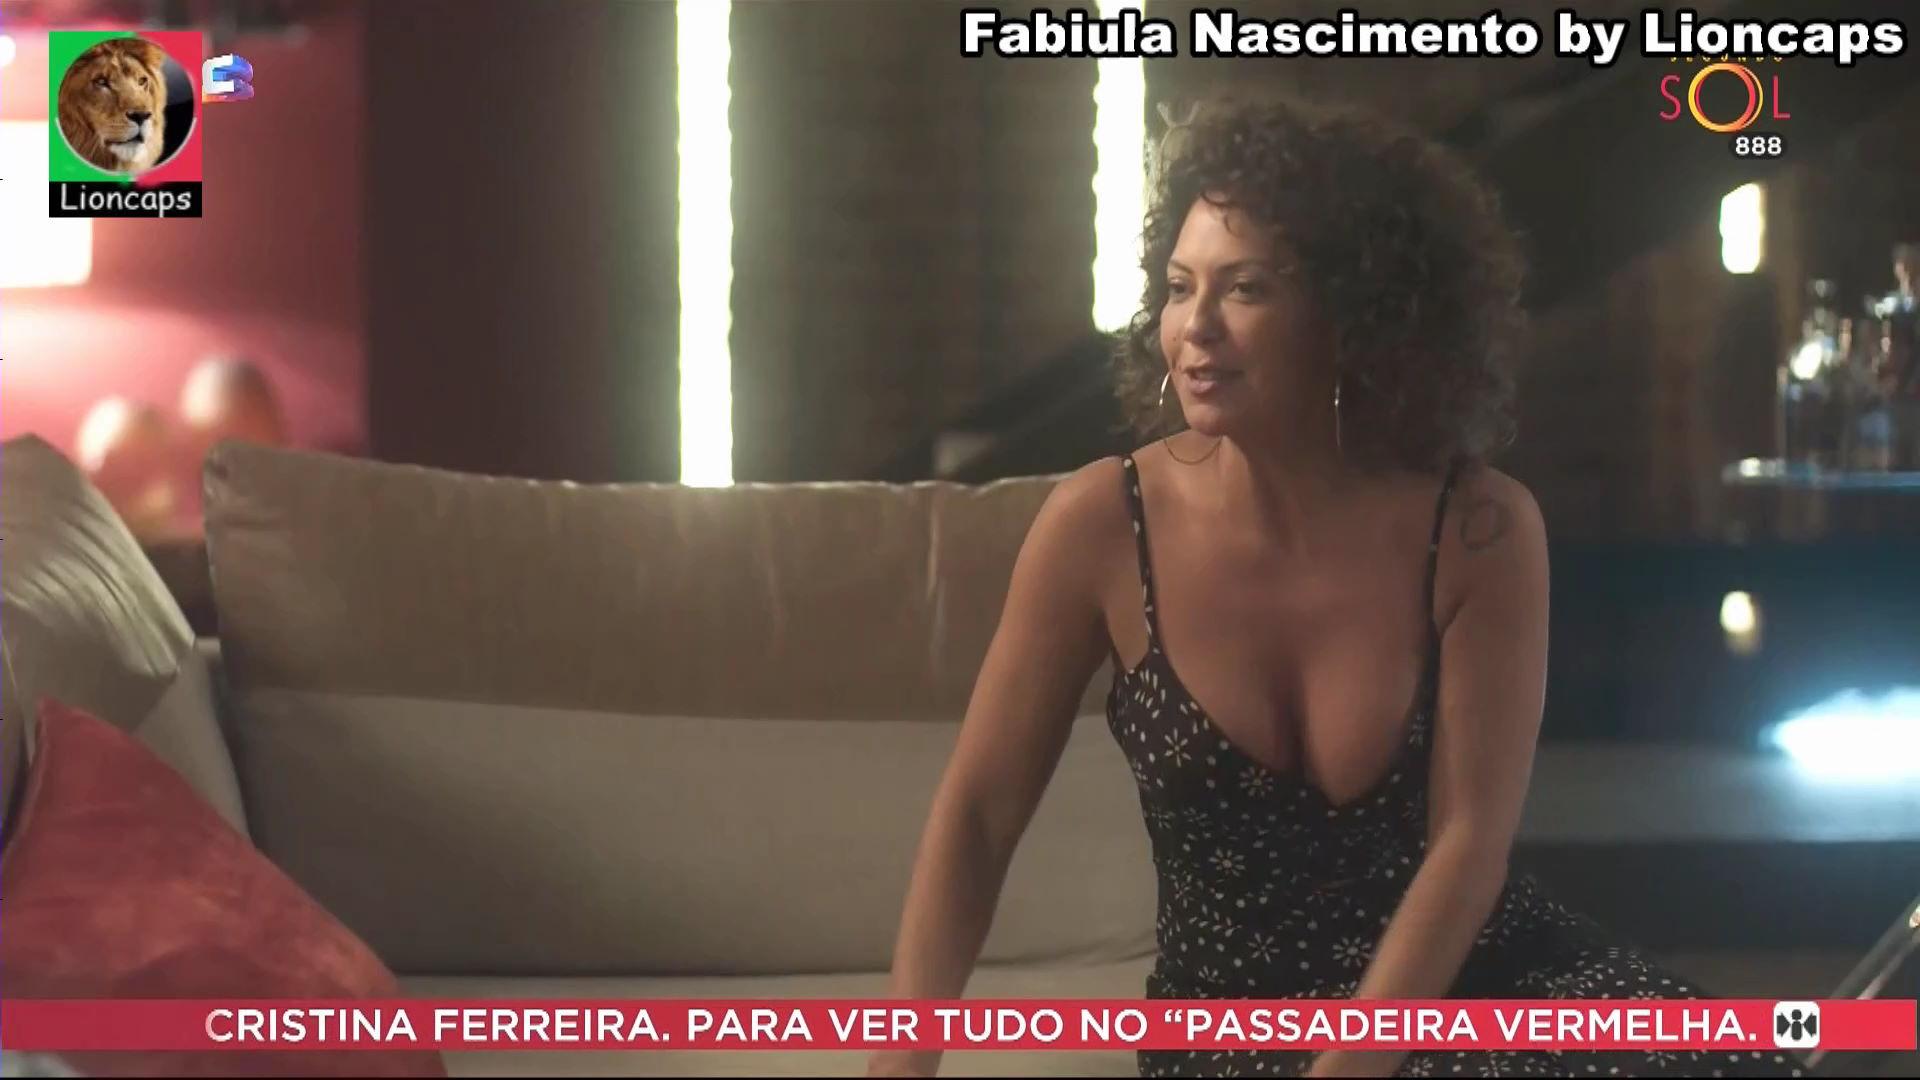 337842239_fabiula_nascimento_vs190612_1175_122_473lo.JPG